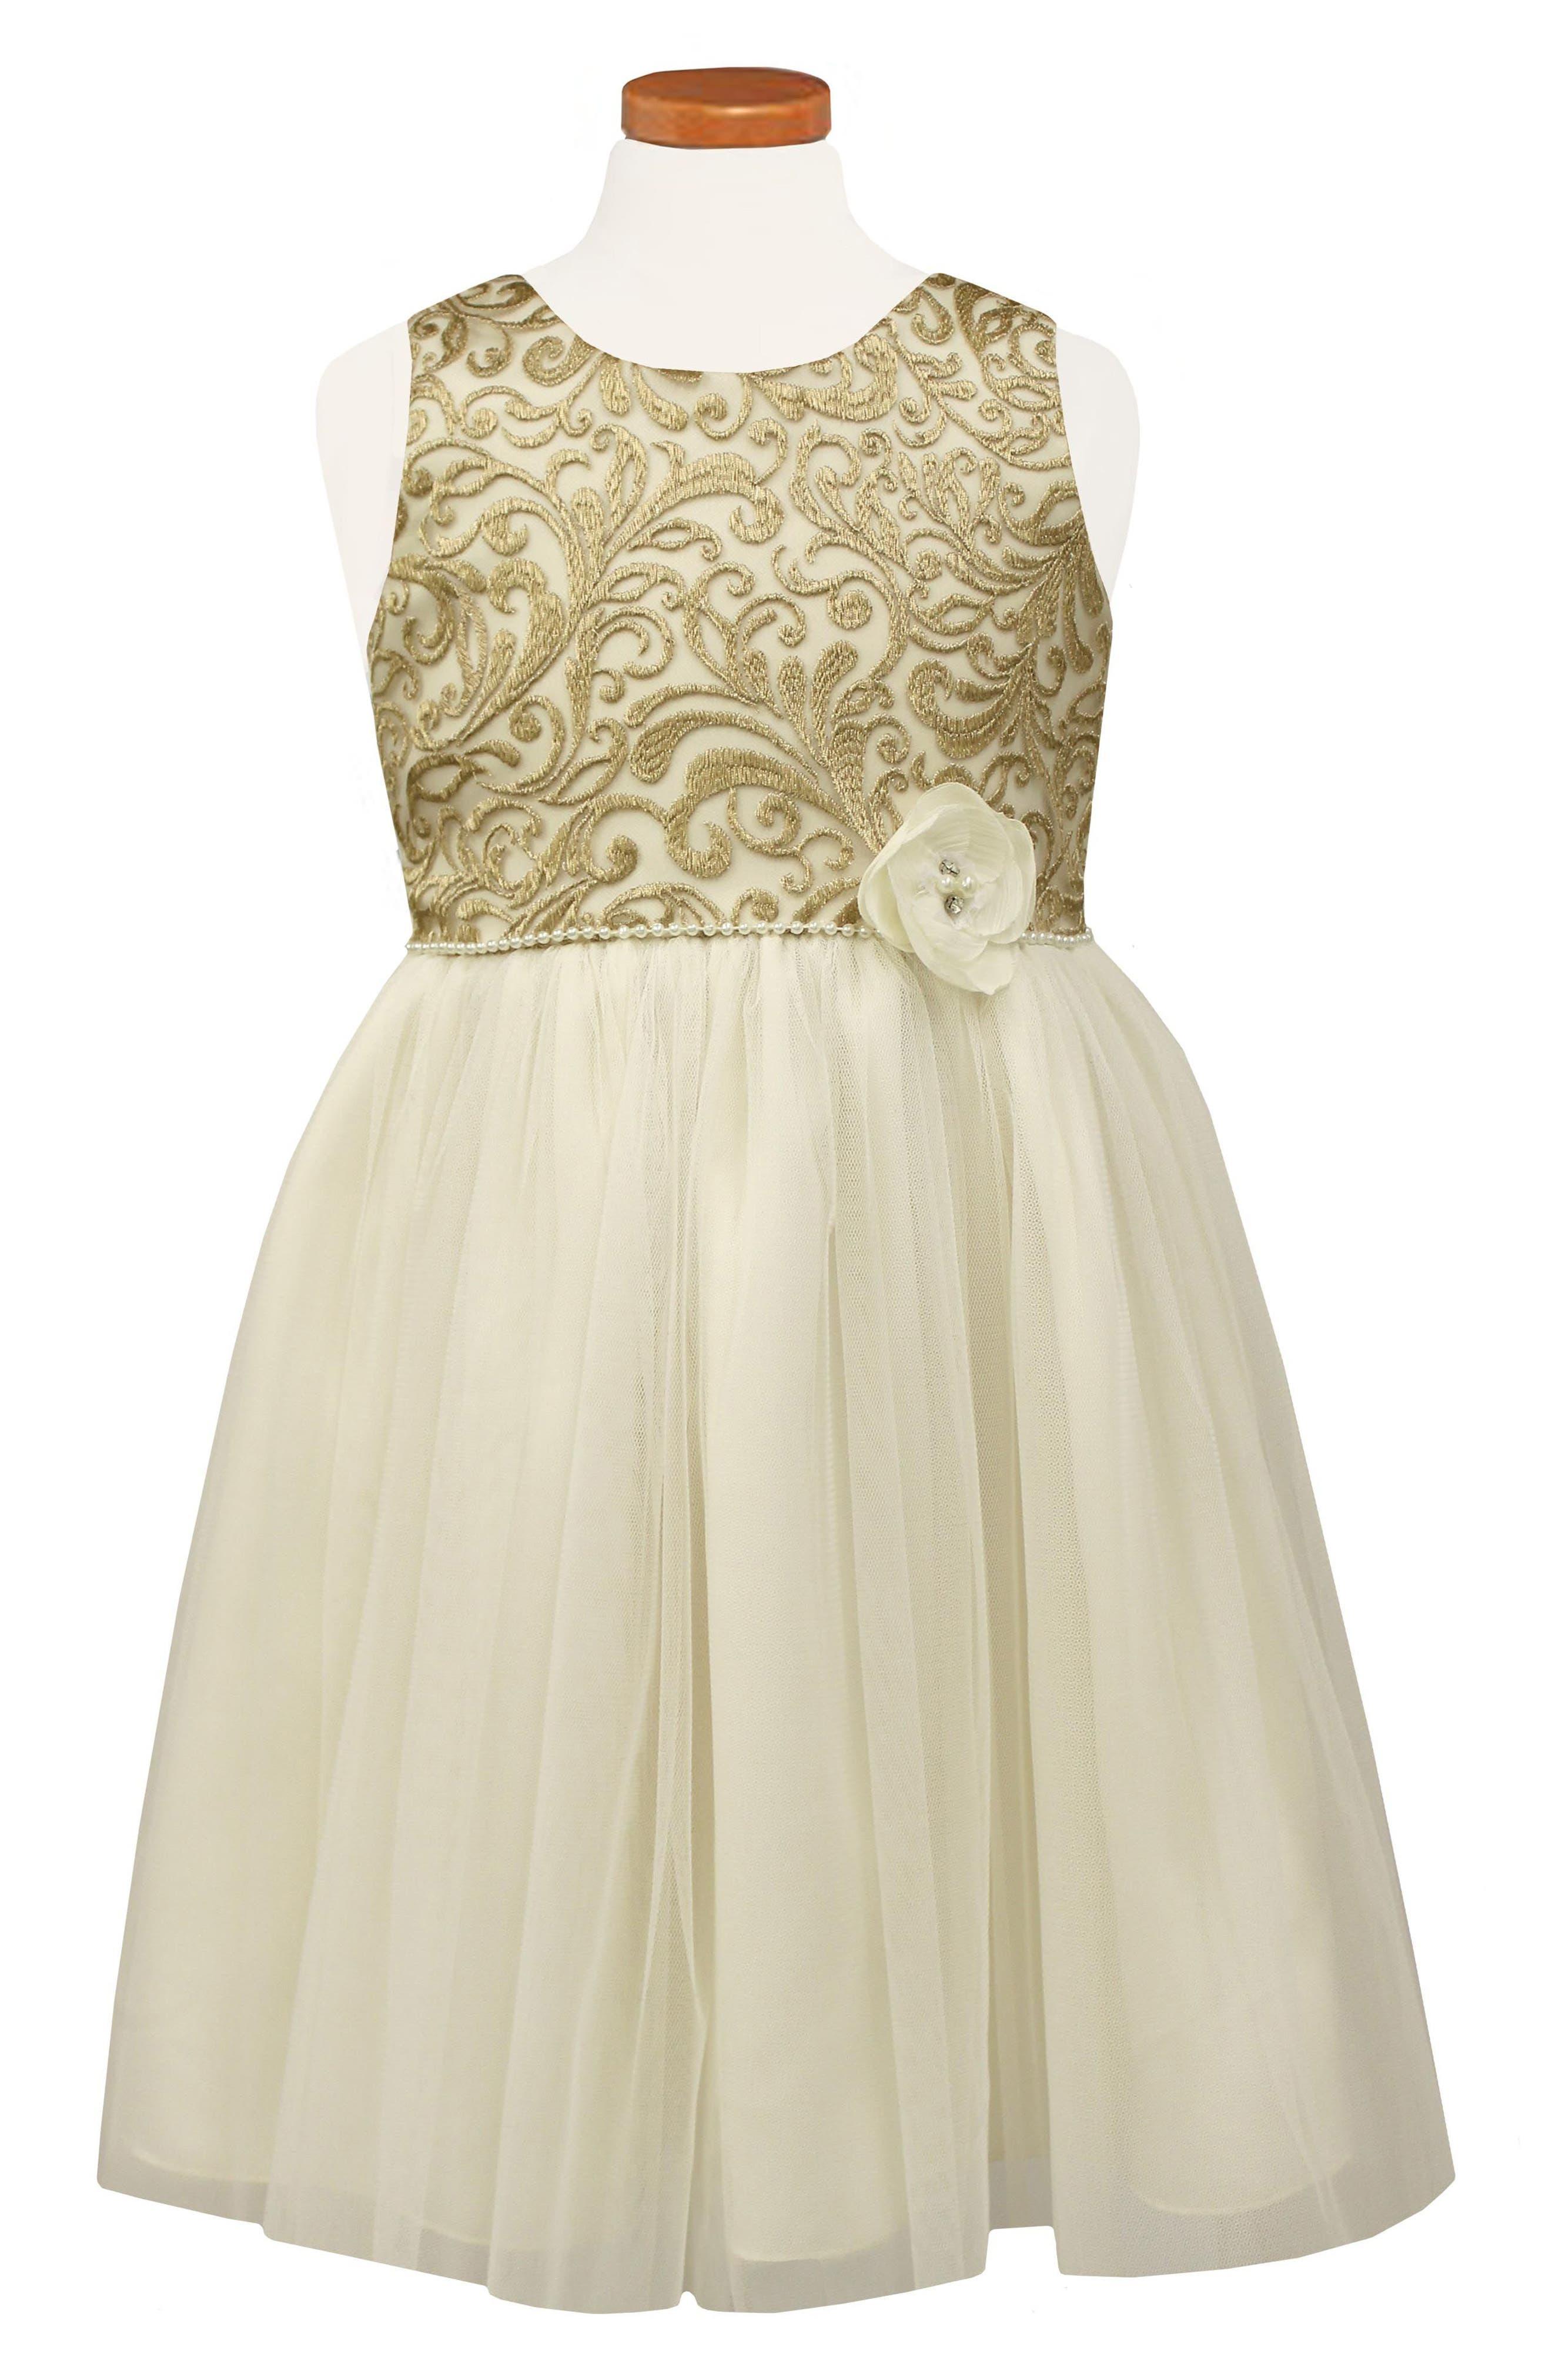 SORBET Brocade Ballerina Dress